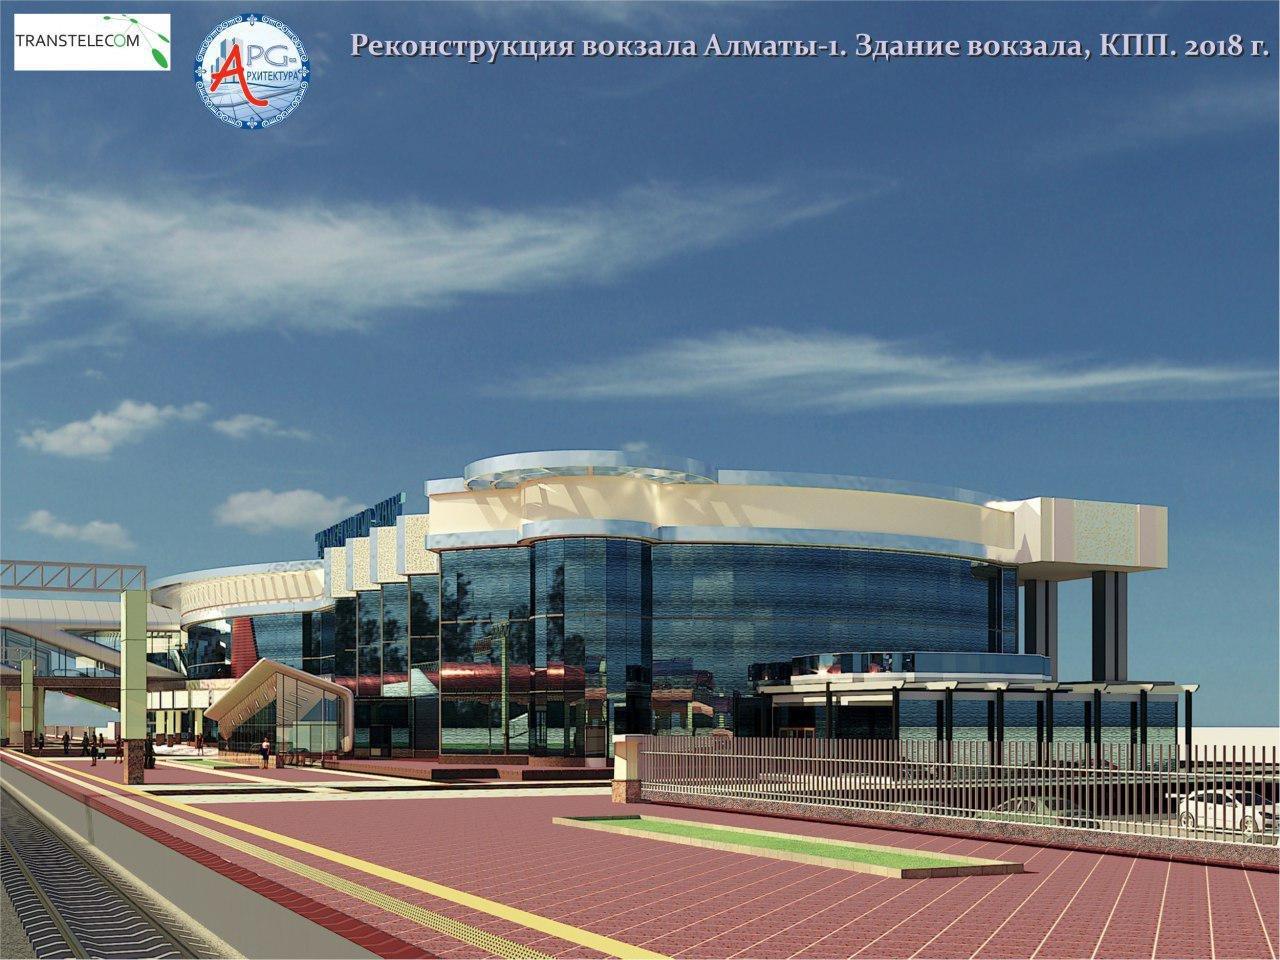 В Алматы появится новый автовокзал «Западный» и транспортный хаб на вокзале «Алматы-2», фото-2